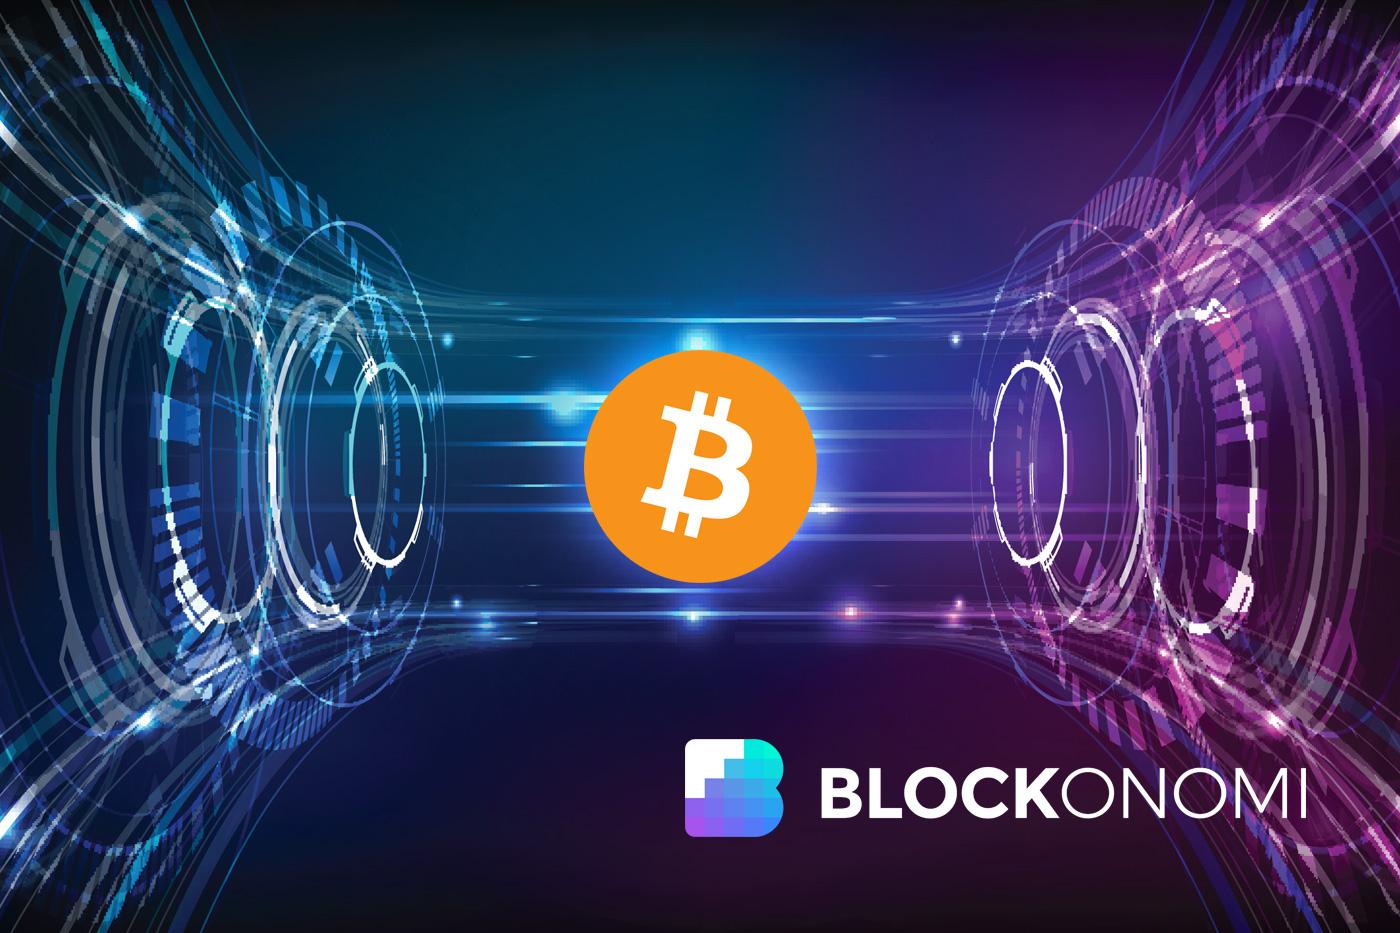 Máy tính lượng tử ảnh hưởng đến bitcoin?